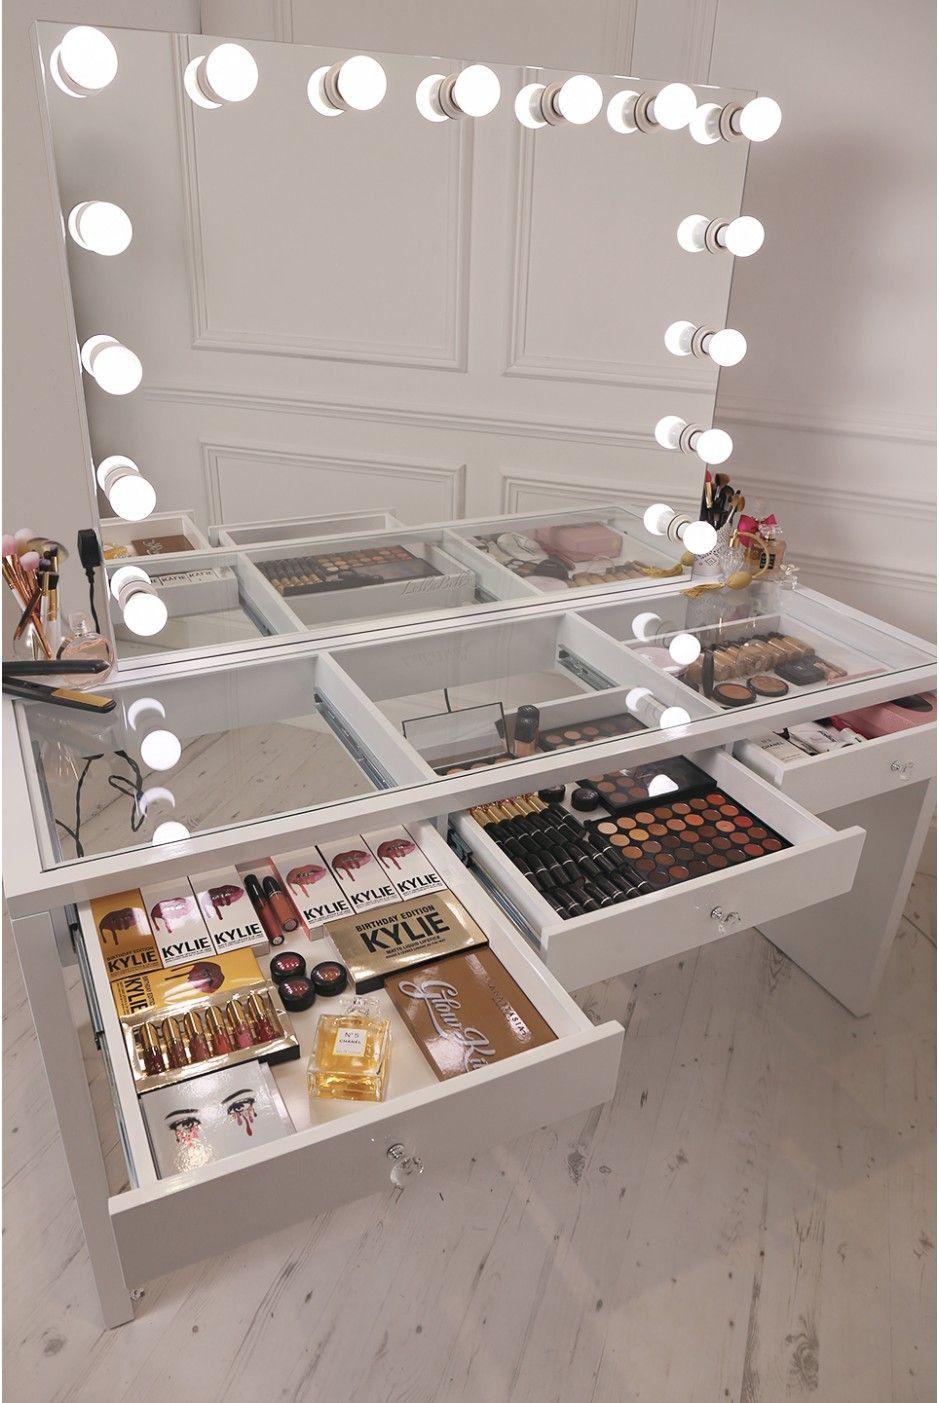 Pin By Eunice Flores On Alyssa Organize Vanity Diy Diy Makeup Vanity Makeup Organization Vanity Diy